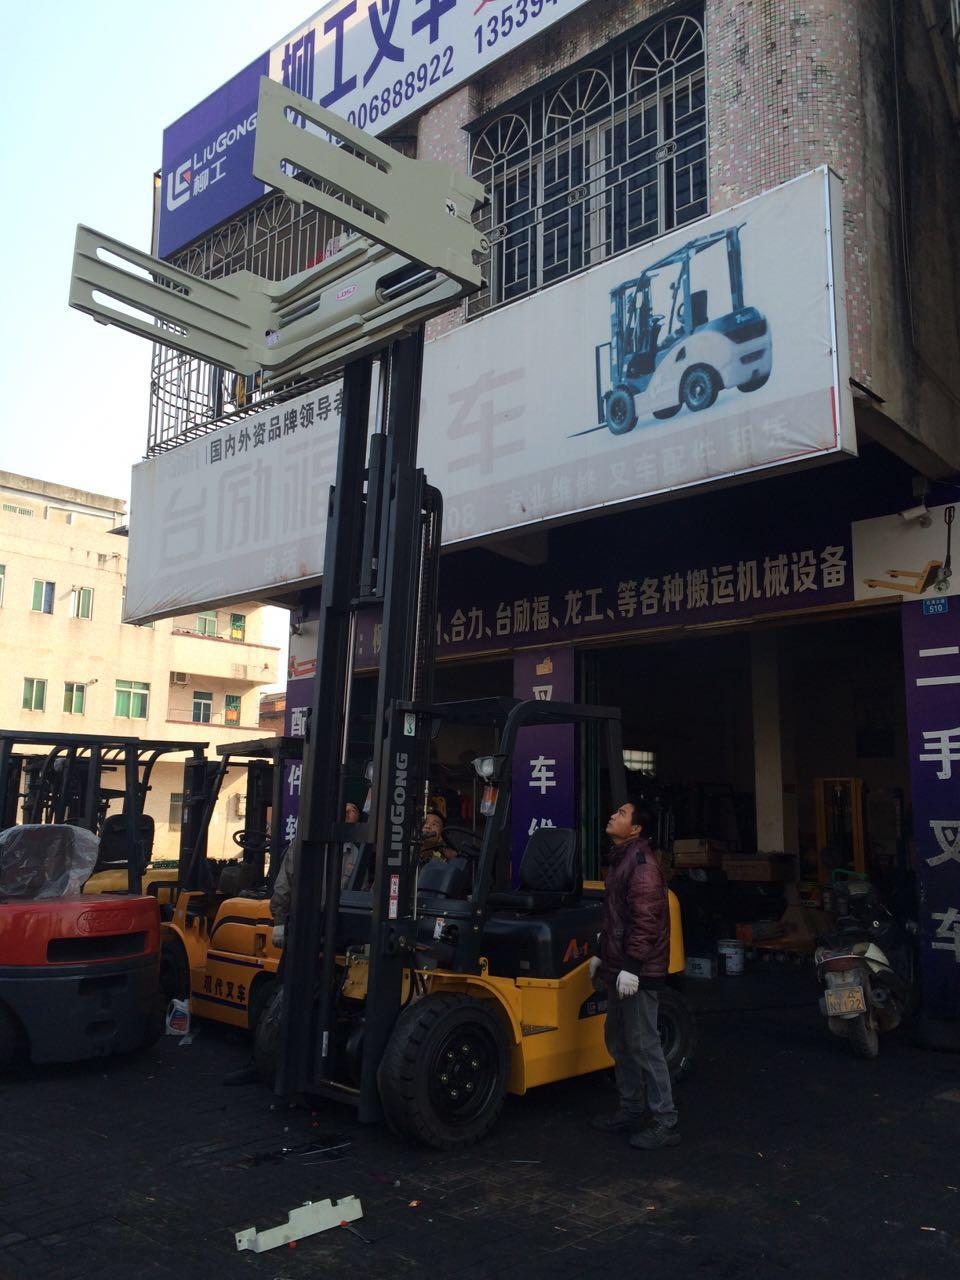 自动变速箱总成厂家 广州自动变速箱总成代理商 自动变速箱总成维修